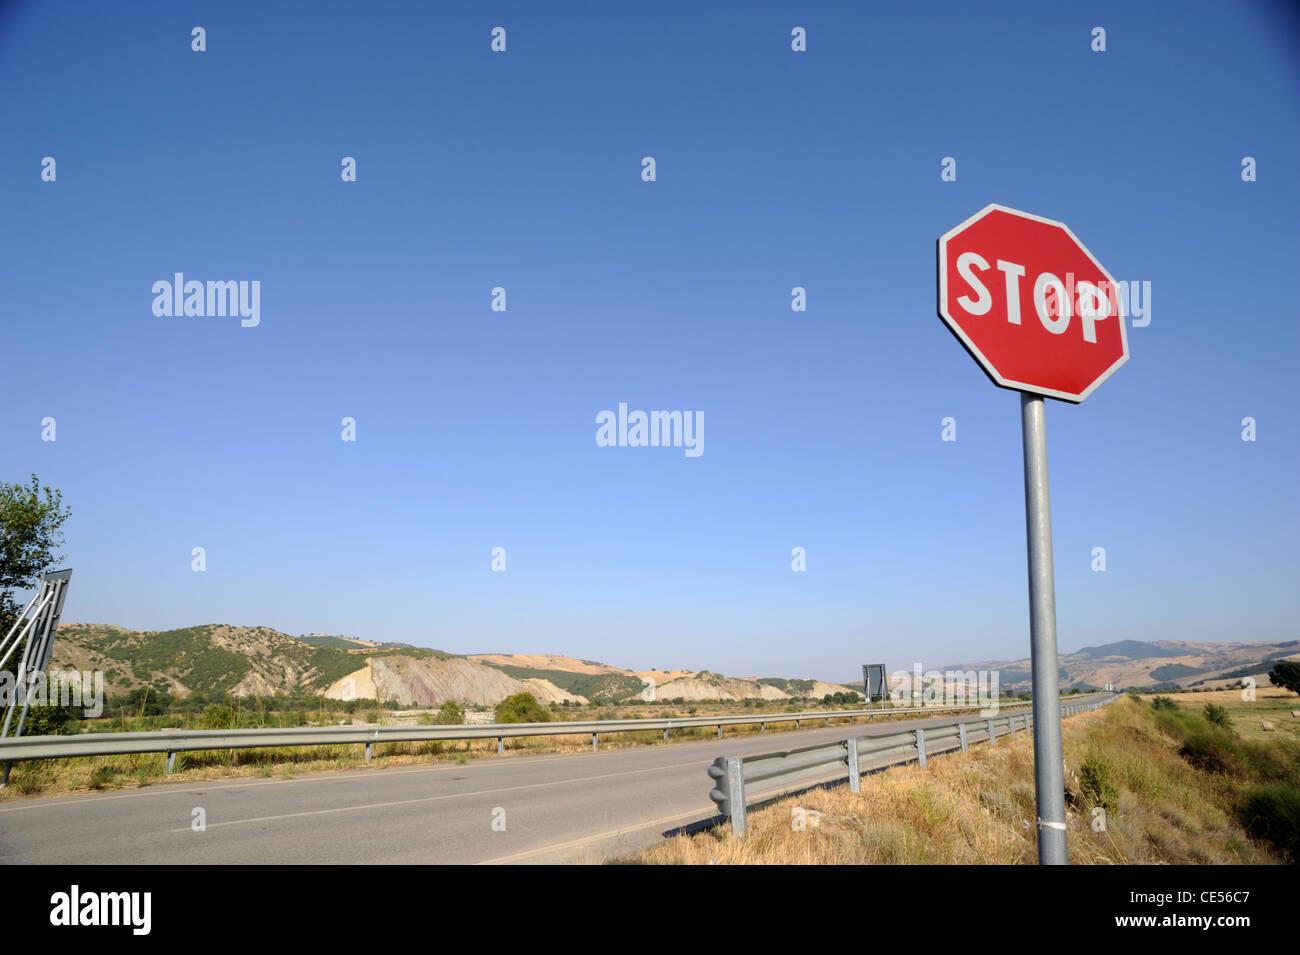 italy, basilicata, road stop sign - Stock Image